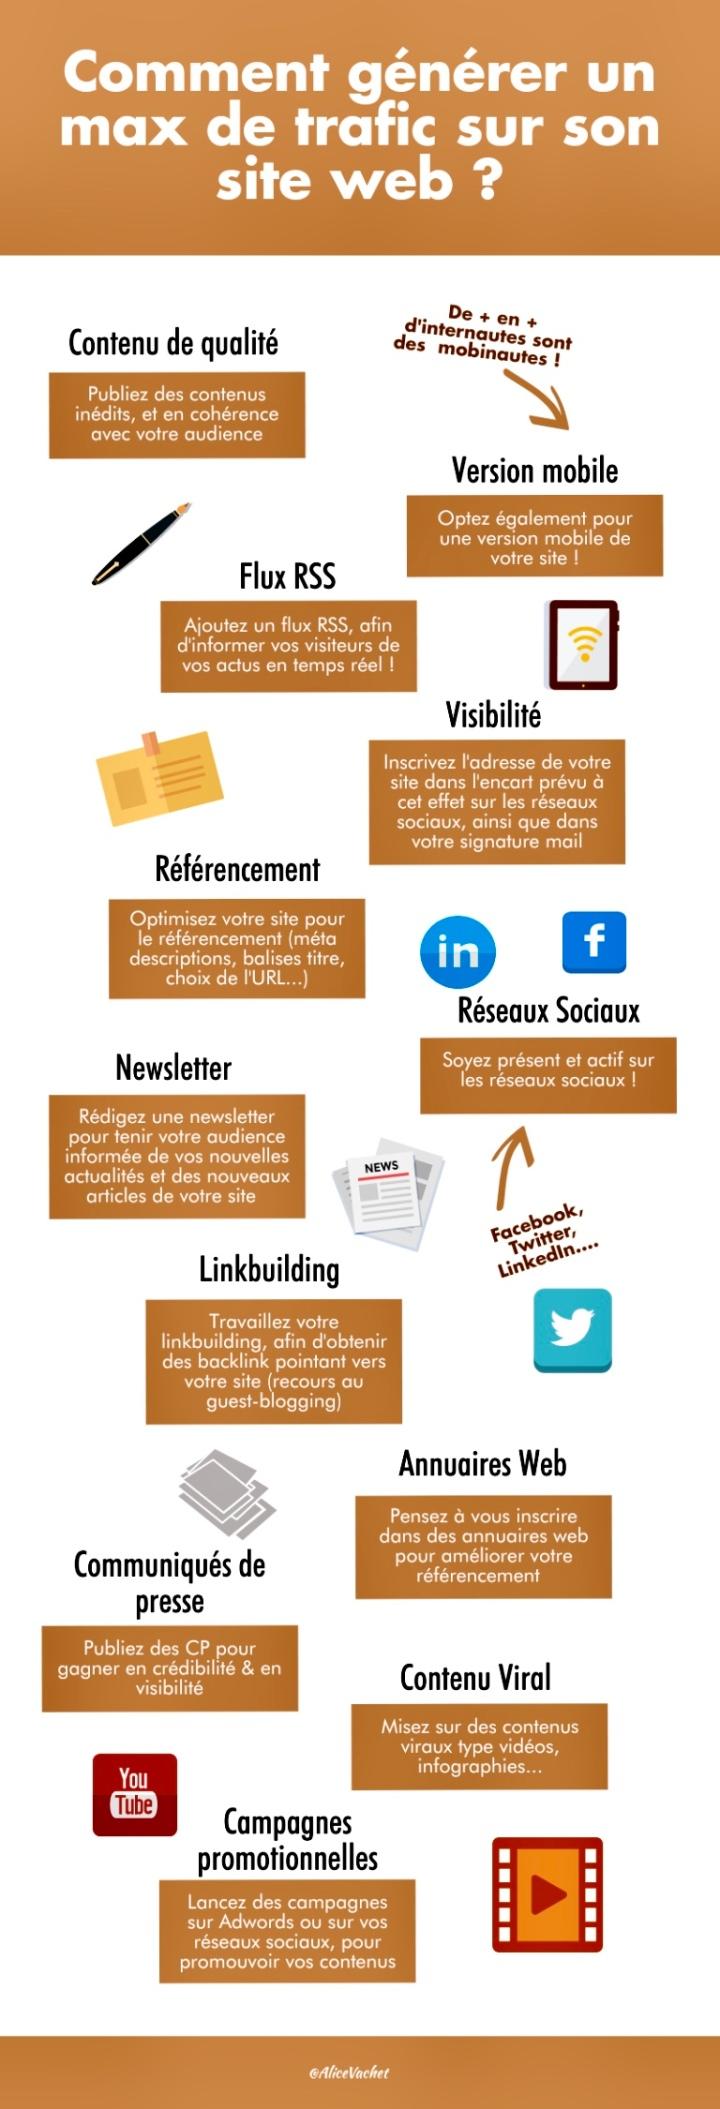 [Infographie] Comment Générer Un Max De Trafic Sur Son Site Web ?🧐